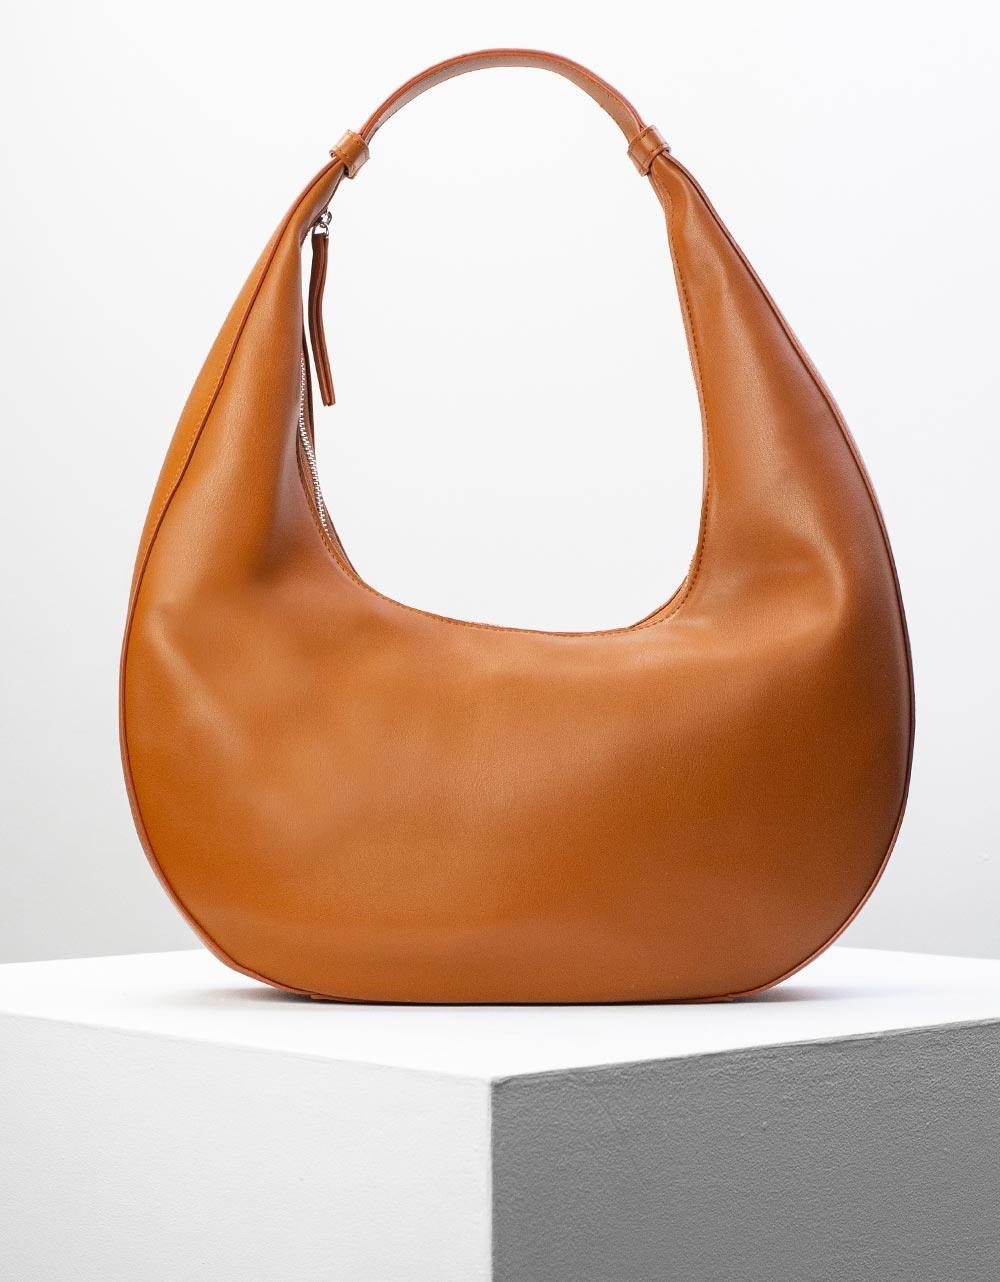 Εικόνα από Γυναικεία τσάντα ώμου σε οβάλ σχήμα Ταμπά